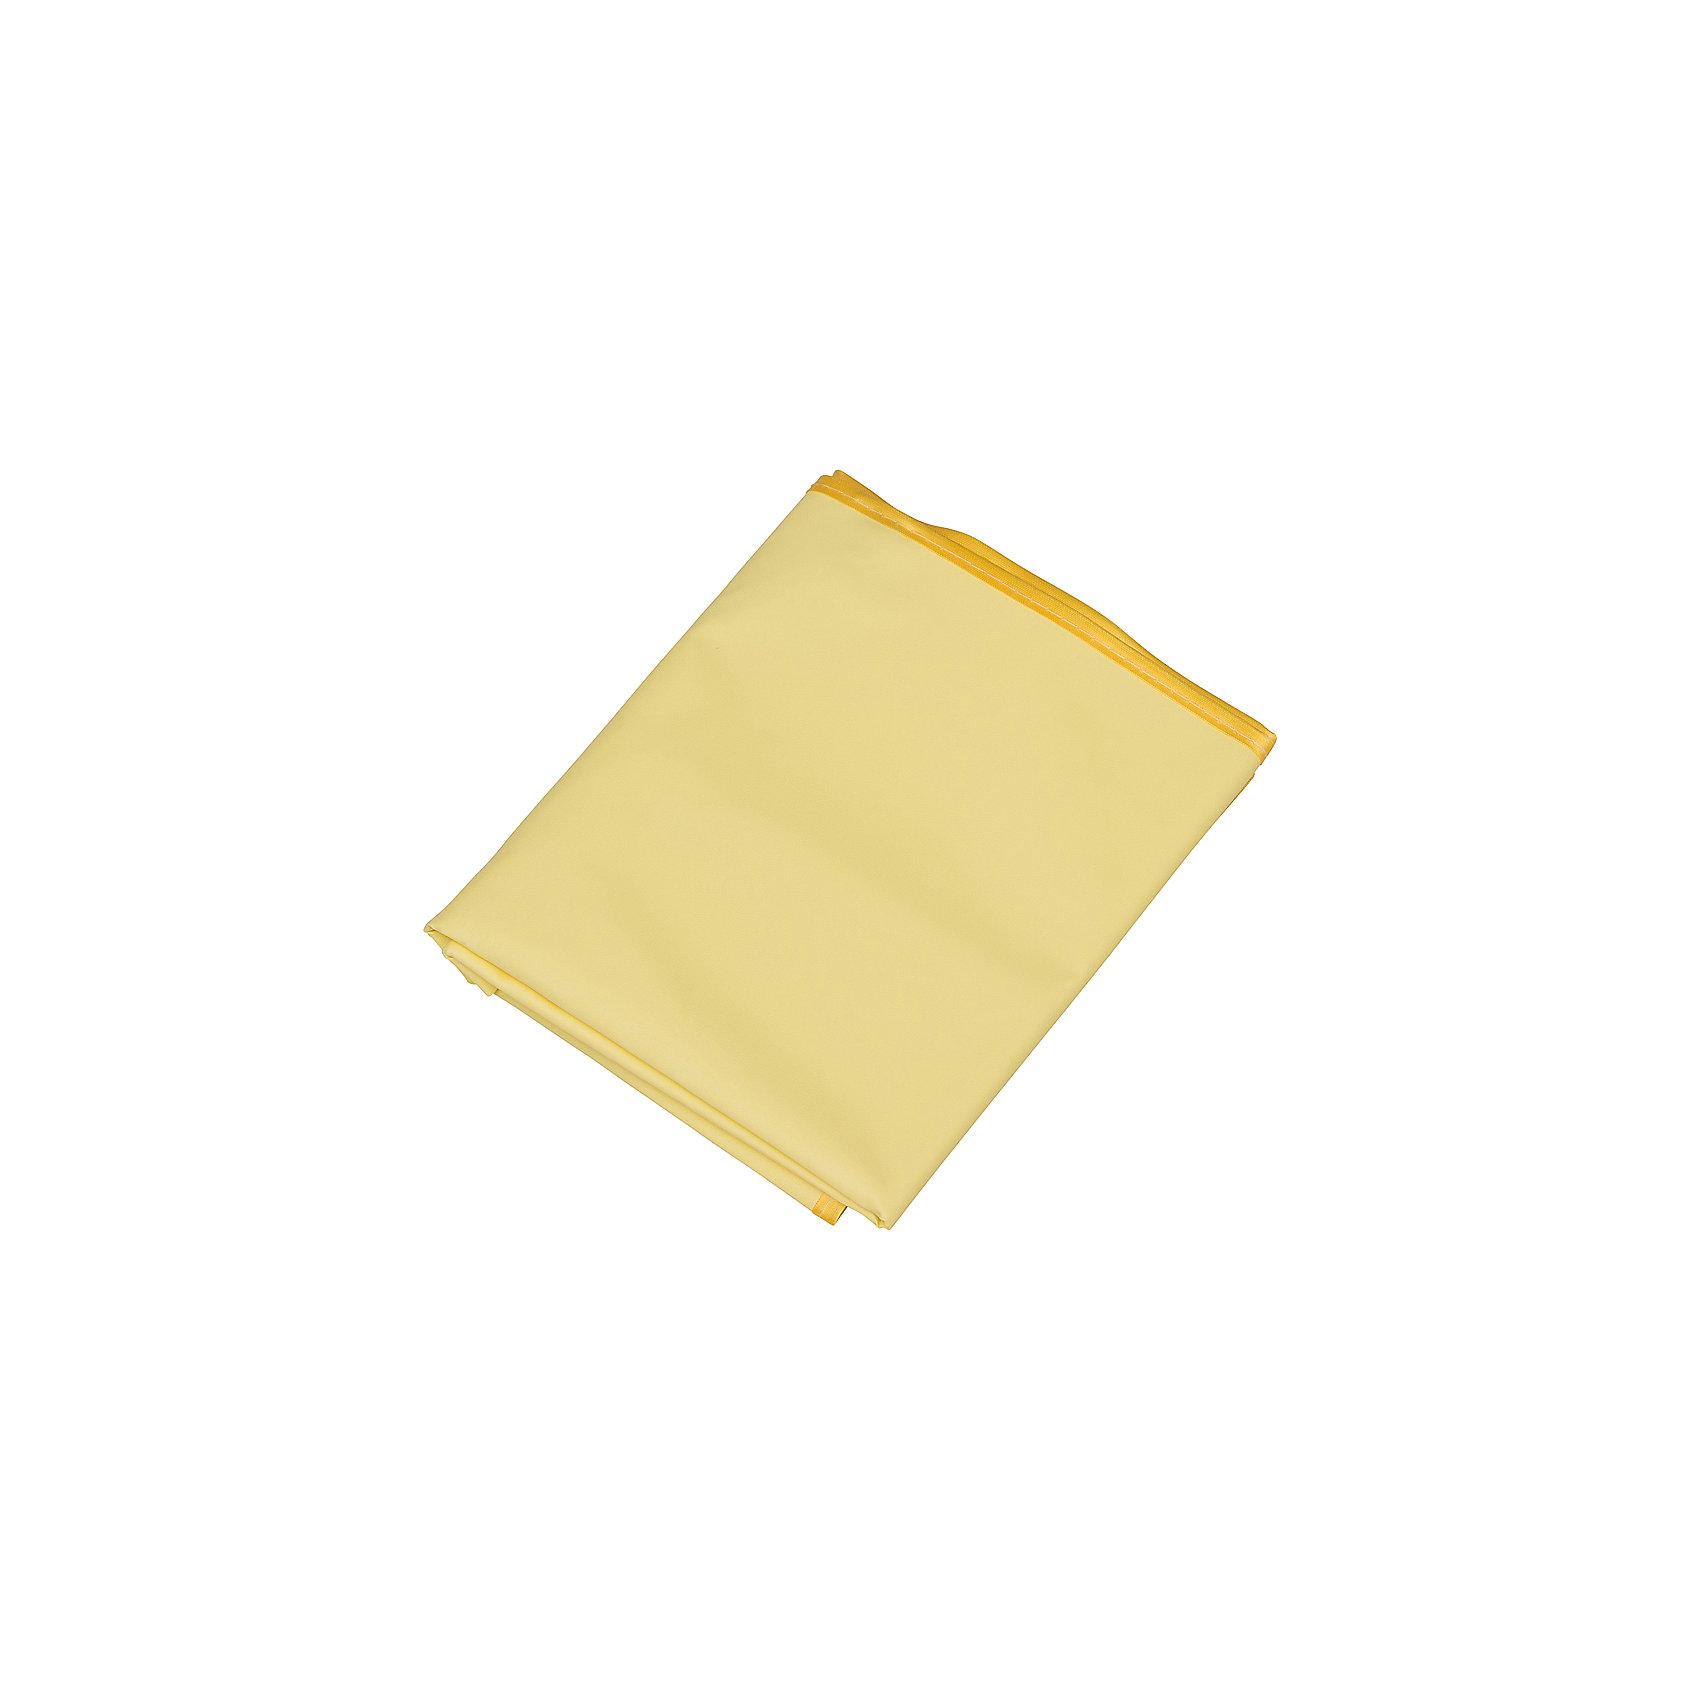 Клеенка подкладная с ПВХ покрытием, Roxy-Kids, желтыйПеленание<br>Клеенка подкладная с ПВХ покрытием, Roxy-Kids, желтый идеально подходит к размерам детских матрасиков в кроватках и колясках и рекомендована к применению в быту при уходе за малышами!<br><br>Характеристики:<br>-Соответствует всем медицинским требованиям <br>-Изготовлена из полиэфирной ткани: влагонепроницаемая, газопроницаемая и паропроницаемая, что способствует профилактики детских опрелостей <br>-ПВХ покрытие на лицевой стороне обладает отличной теплопроводностью, быстро приобретает температуру тела без «эффекта холодного прикосновения»<br>-Идеально подходит к размерам детских матрасиков в кроватках и колясках<br><br>Дополнительная информация:<br>-Размер: 100х70 см<br>-Размеры в упаковке: 21х17 см<br>-Вес в упаковке: 50 г<br>-Цвет: желтый<br>-Материалы: ПВХ, текстиль<br><br>Безопасная и практичная клеенка с ПВХ покрытием идеальна для защиты детской кожи и постельного белья и матраса, и с ней сон малыша будет сладким и крепким!<br><br>Клеенка подкладная с ПВХ покрытием, Roxy-Kids, желтый можно купить в нашем магазине.<br><br>Ширина мм: 210<br>Глубина мм: 170<br>Высота мм: 0<br>Вес г: 50<br>Возраст от месяцев: 0<br>Возраст до месяцев: 12<br>Пол: Унисекс<br>Возраст: Детский<br>SKU: 4231882